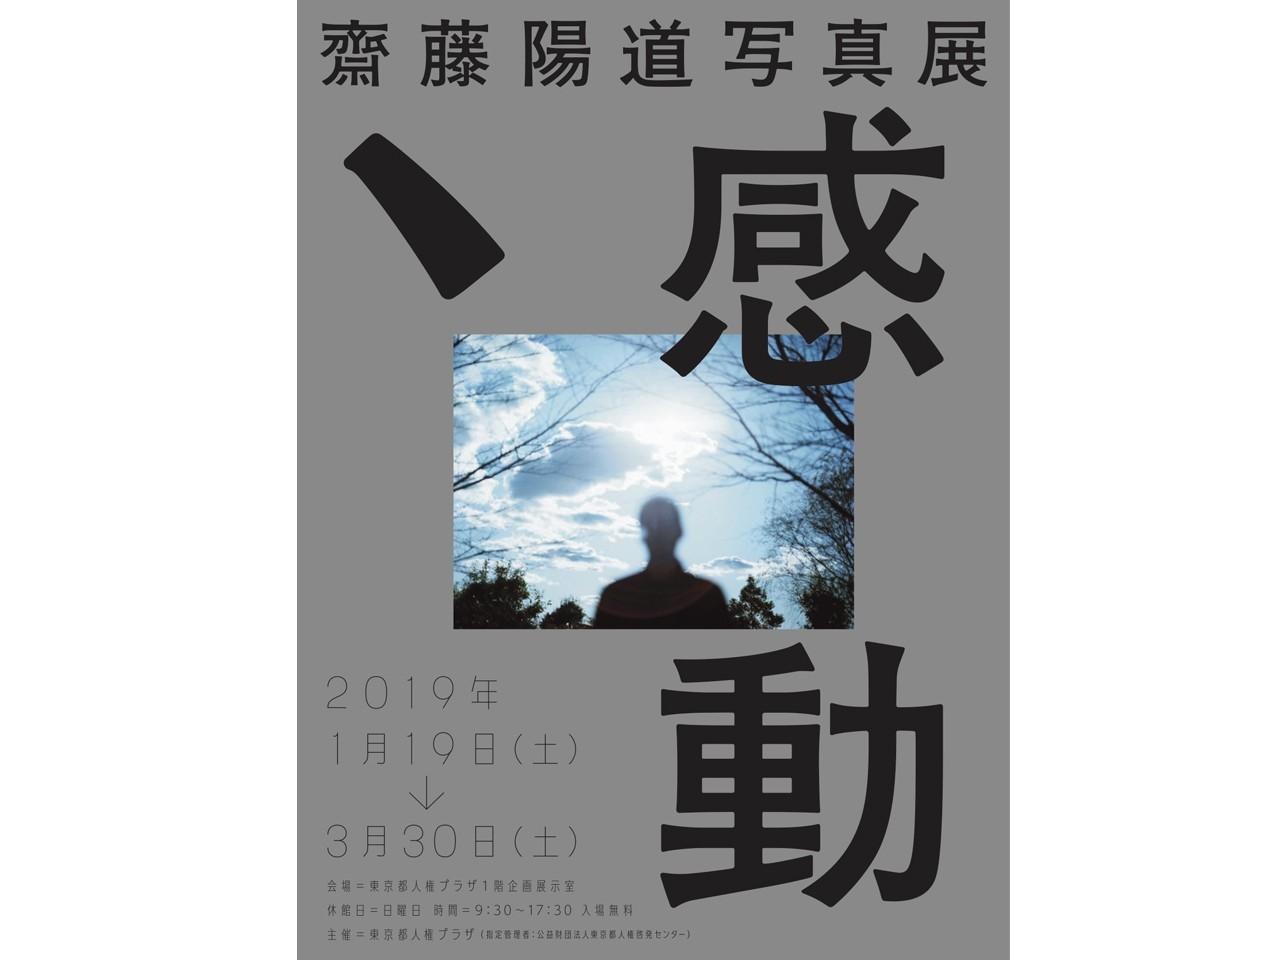 感動、(東京都人権プラザ)